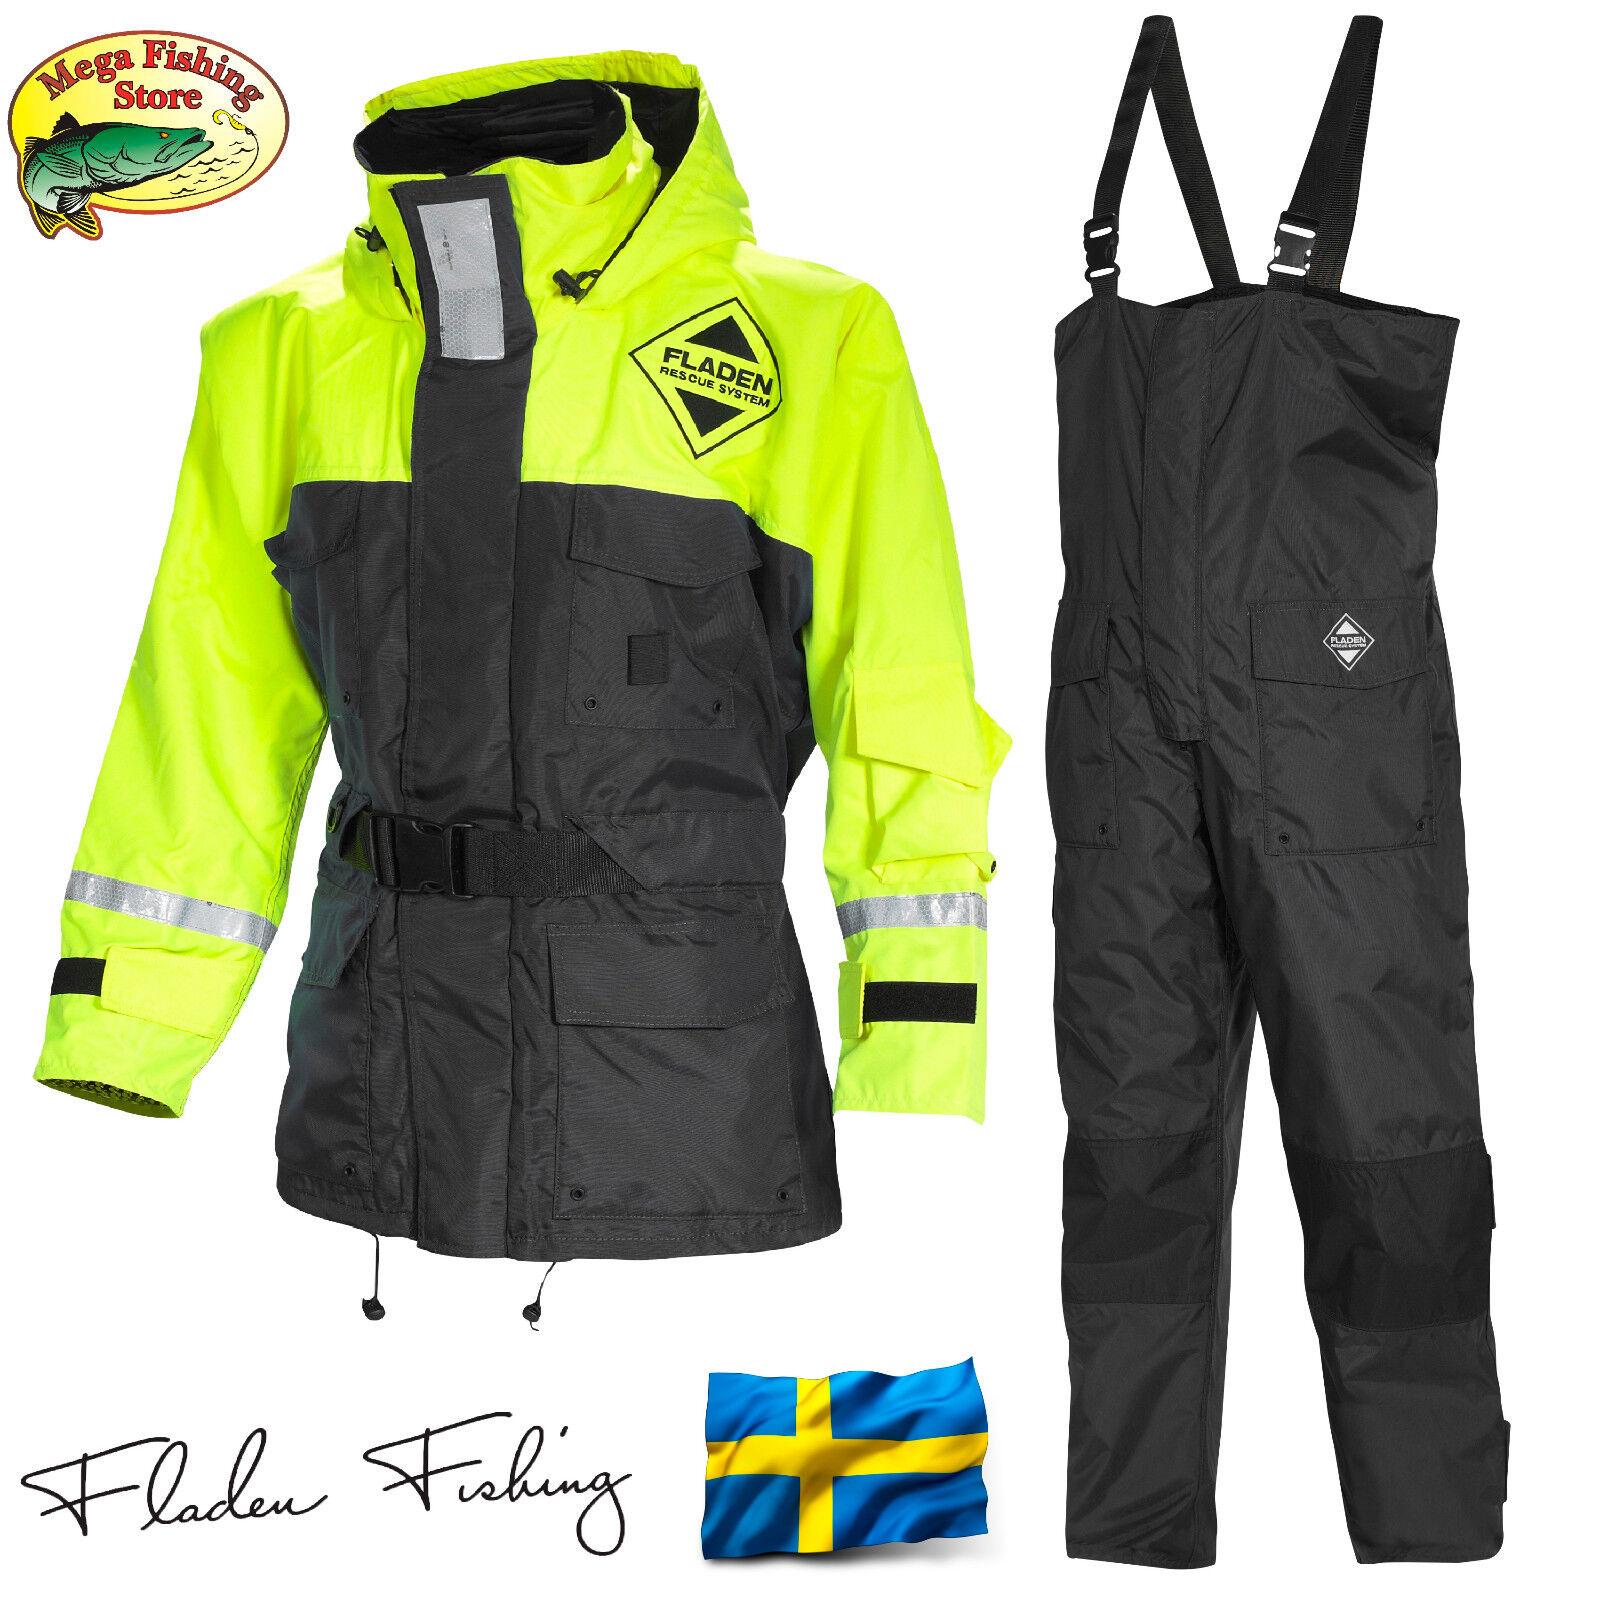 Fladen traje floatinganzug - 846gs CHAQUETA + 847 pantalones  - 2-divisores Noruega  barato y de moda